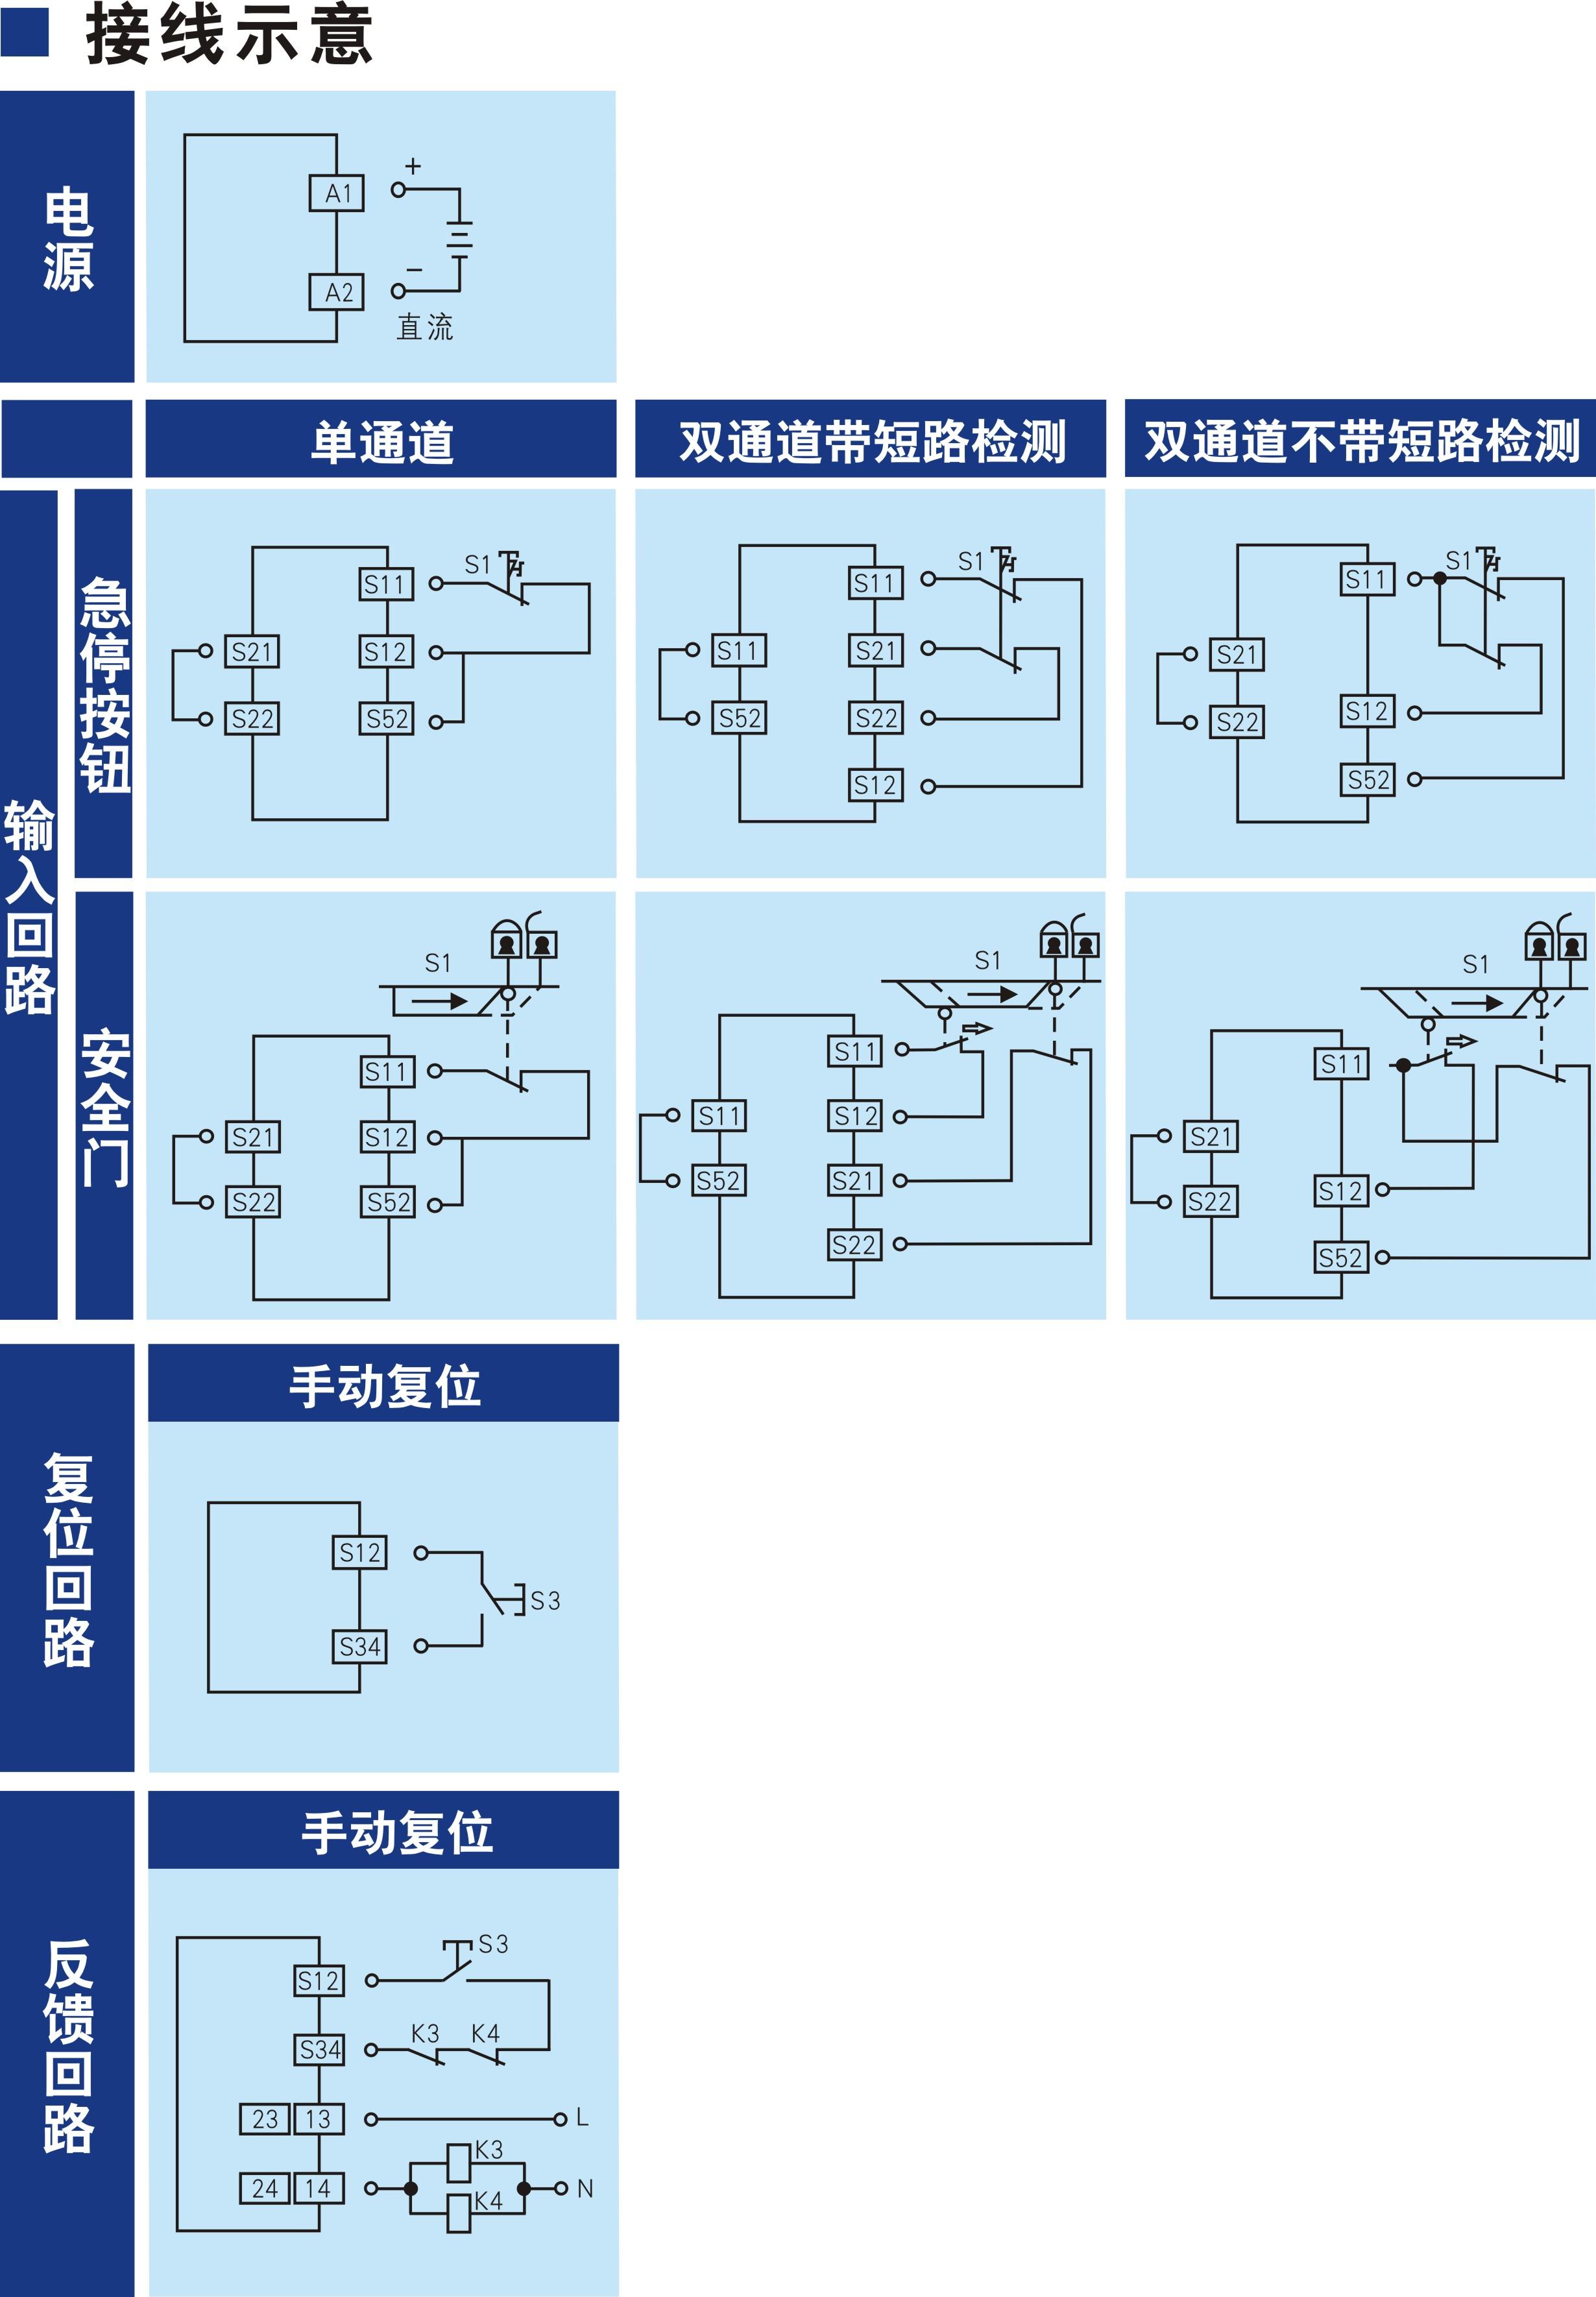 开关型安全设备输入 (急停按钮/安全门 24V DC 2NO+2NO(t) 受监控的手动复位)